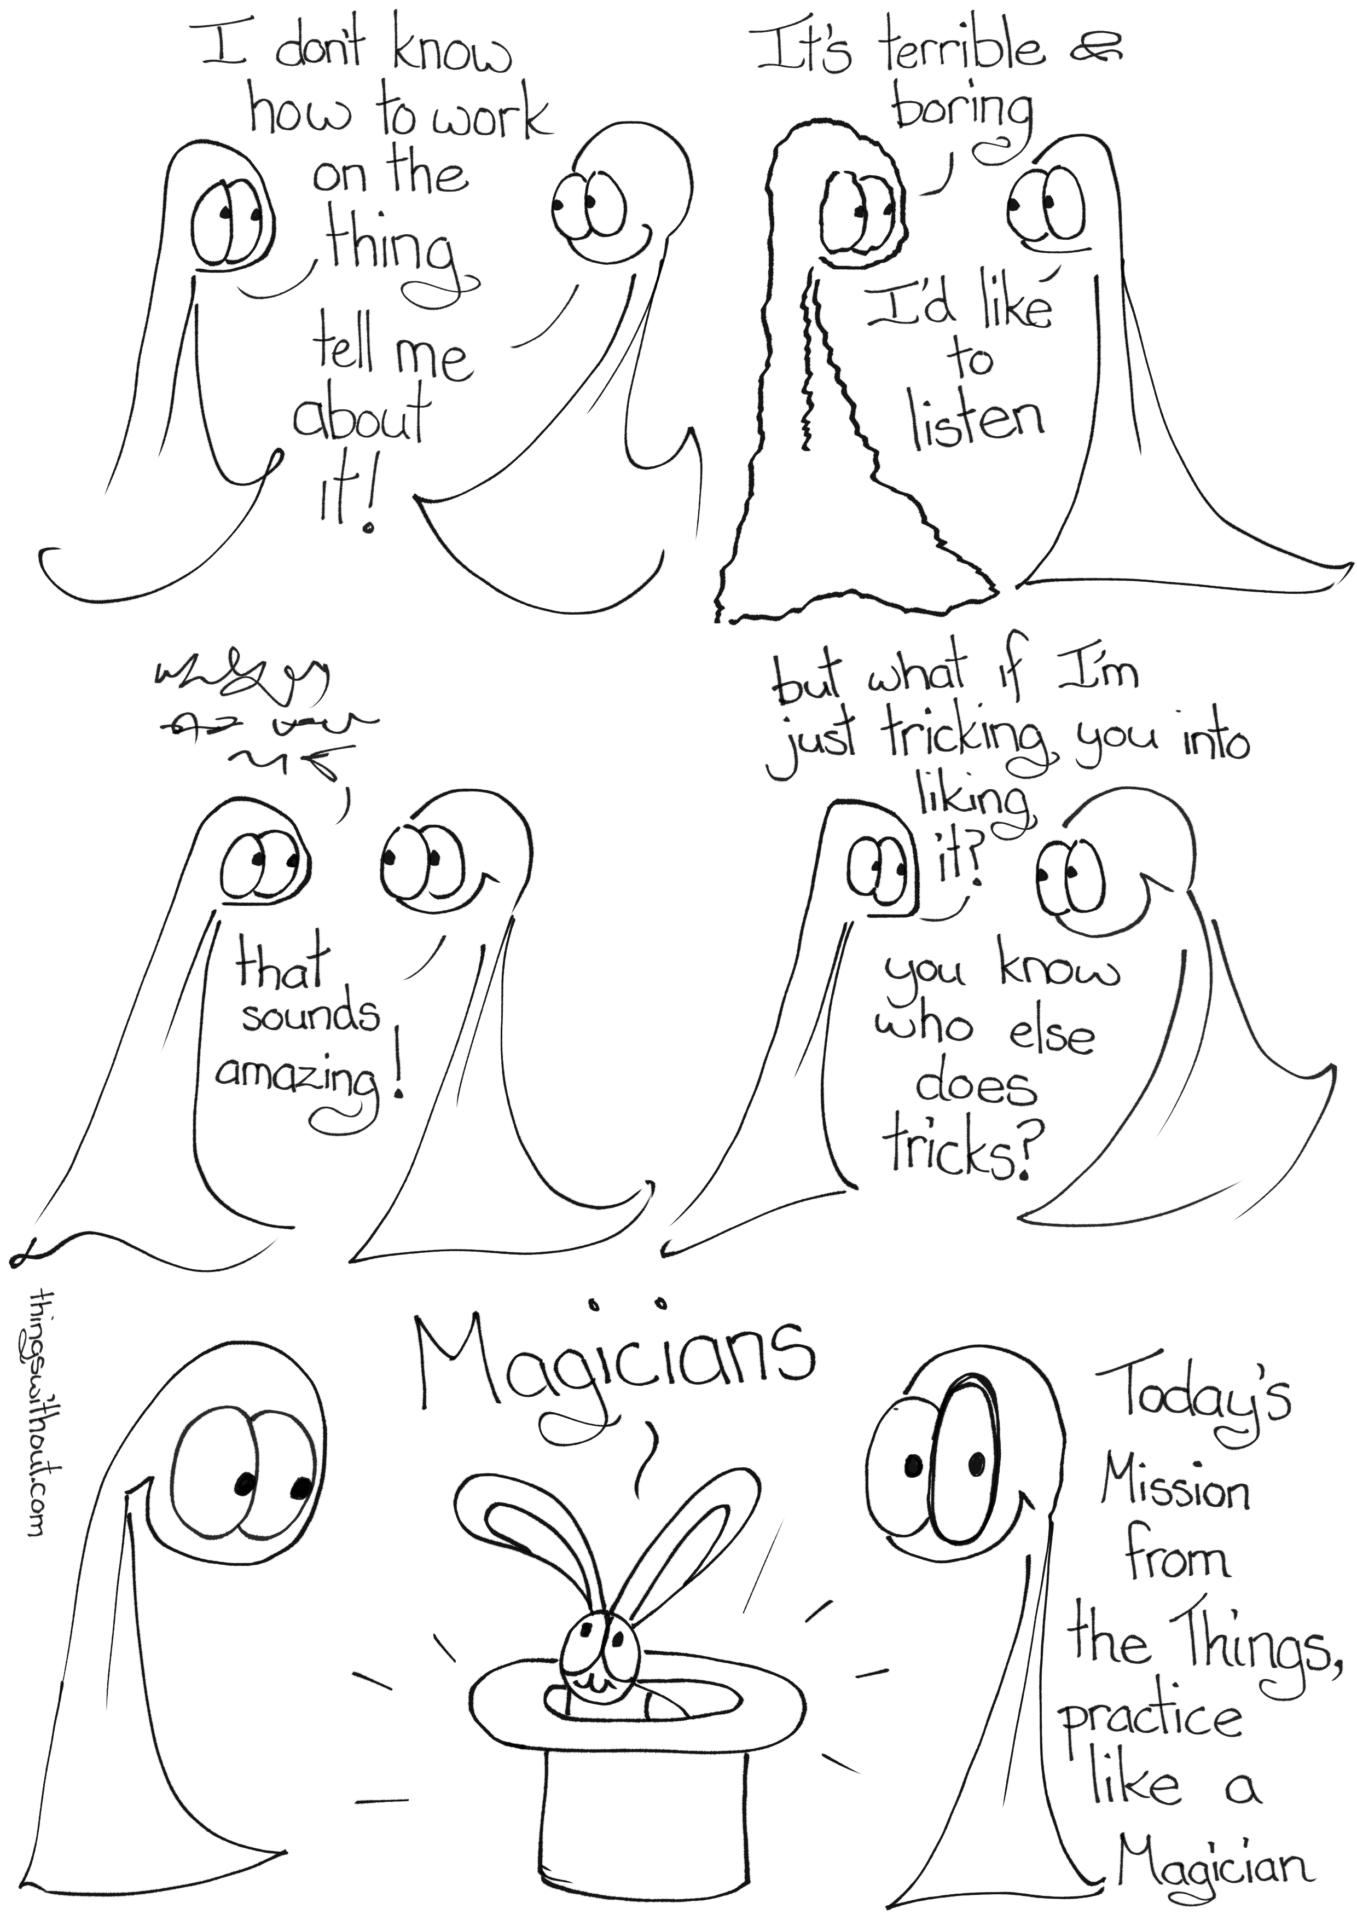 508: Magicians